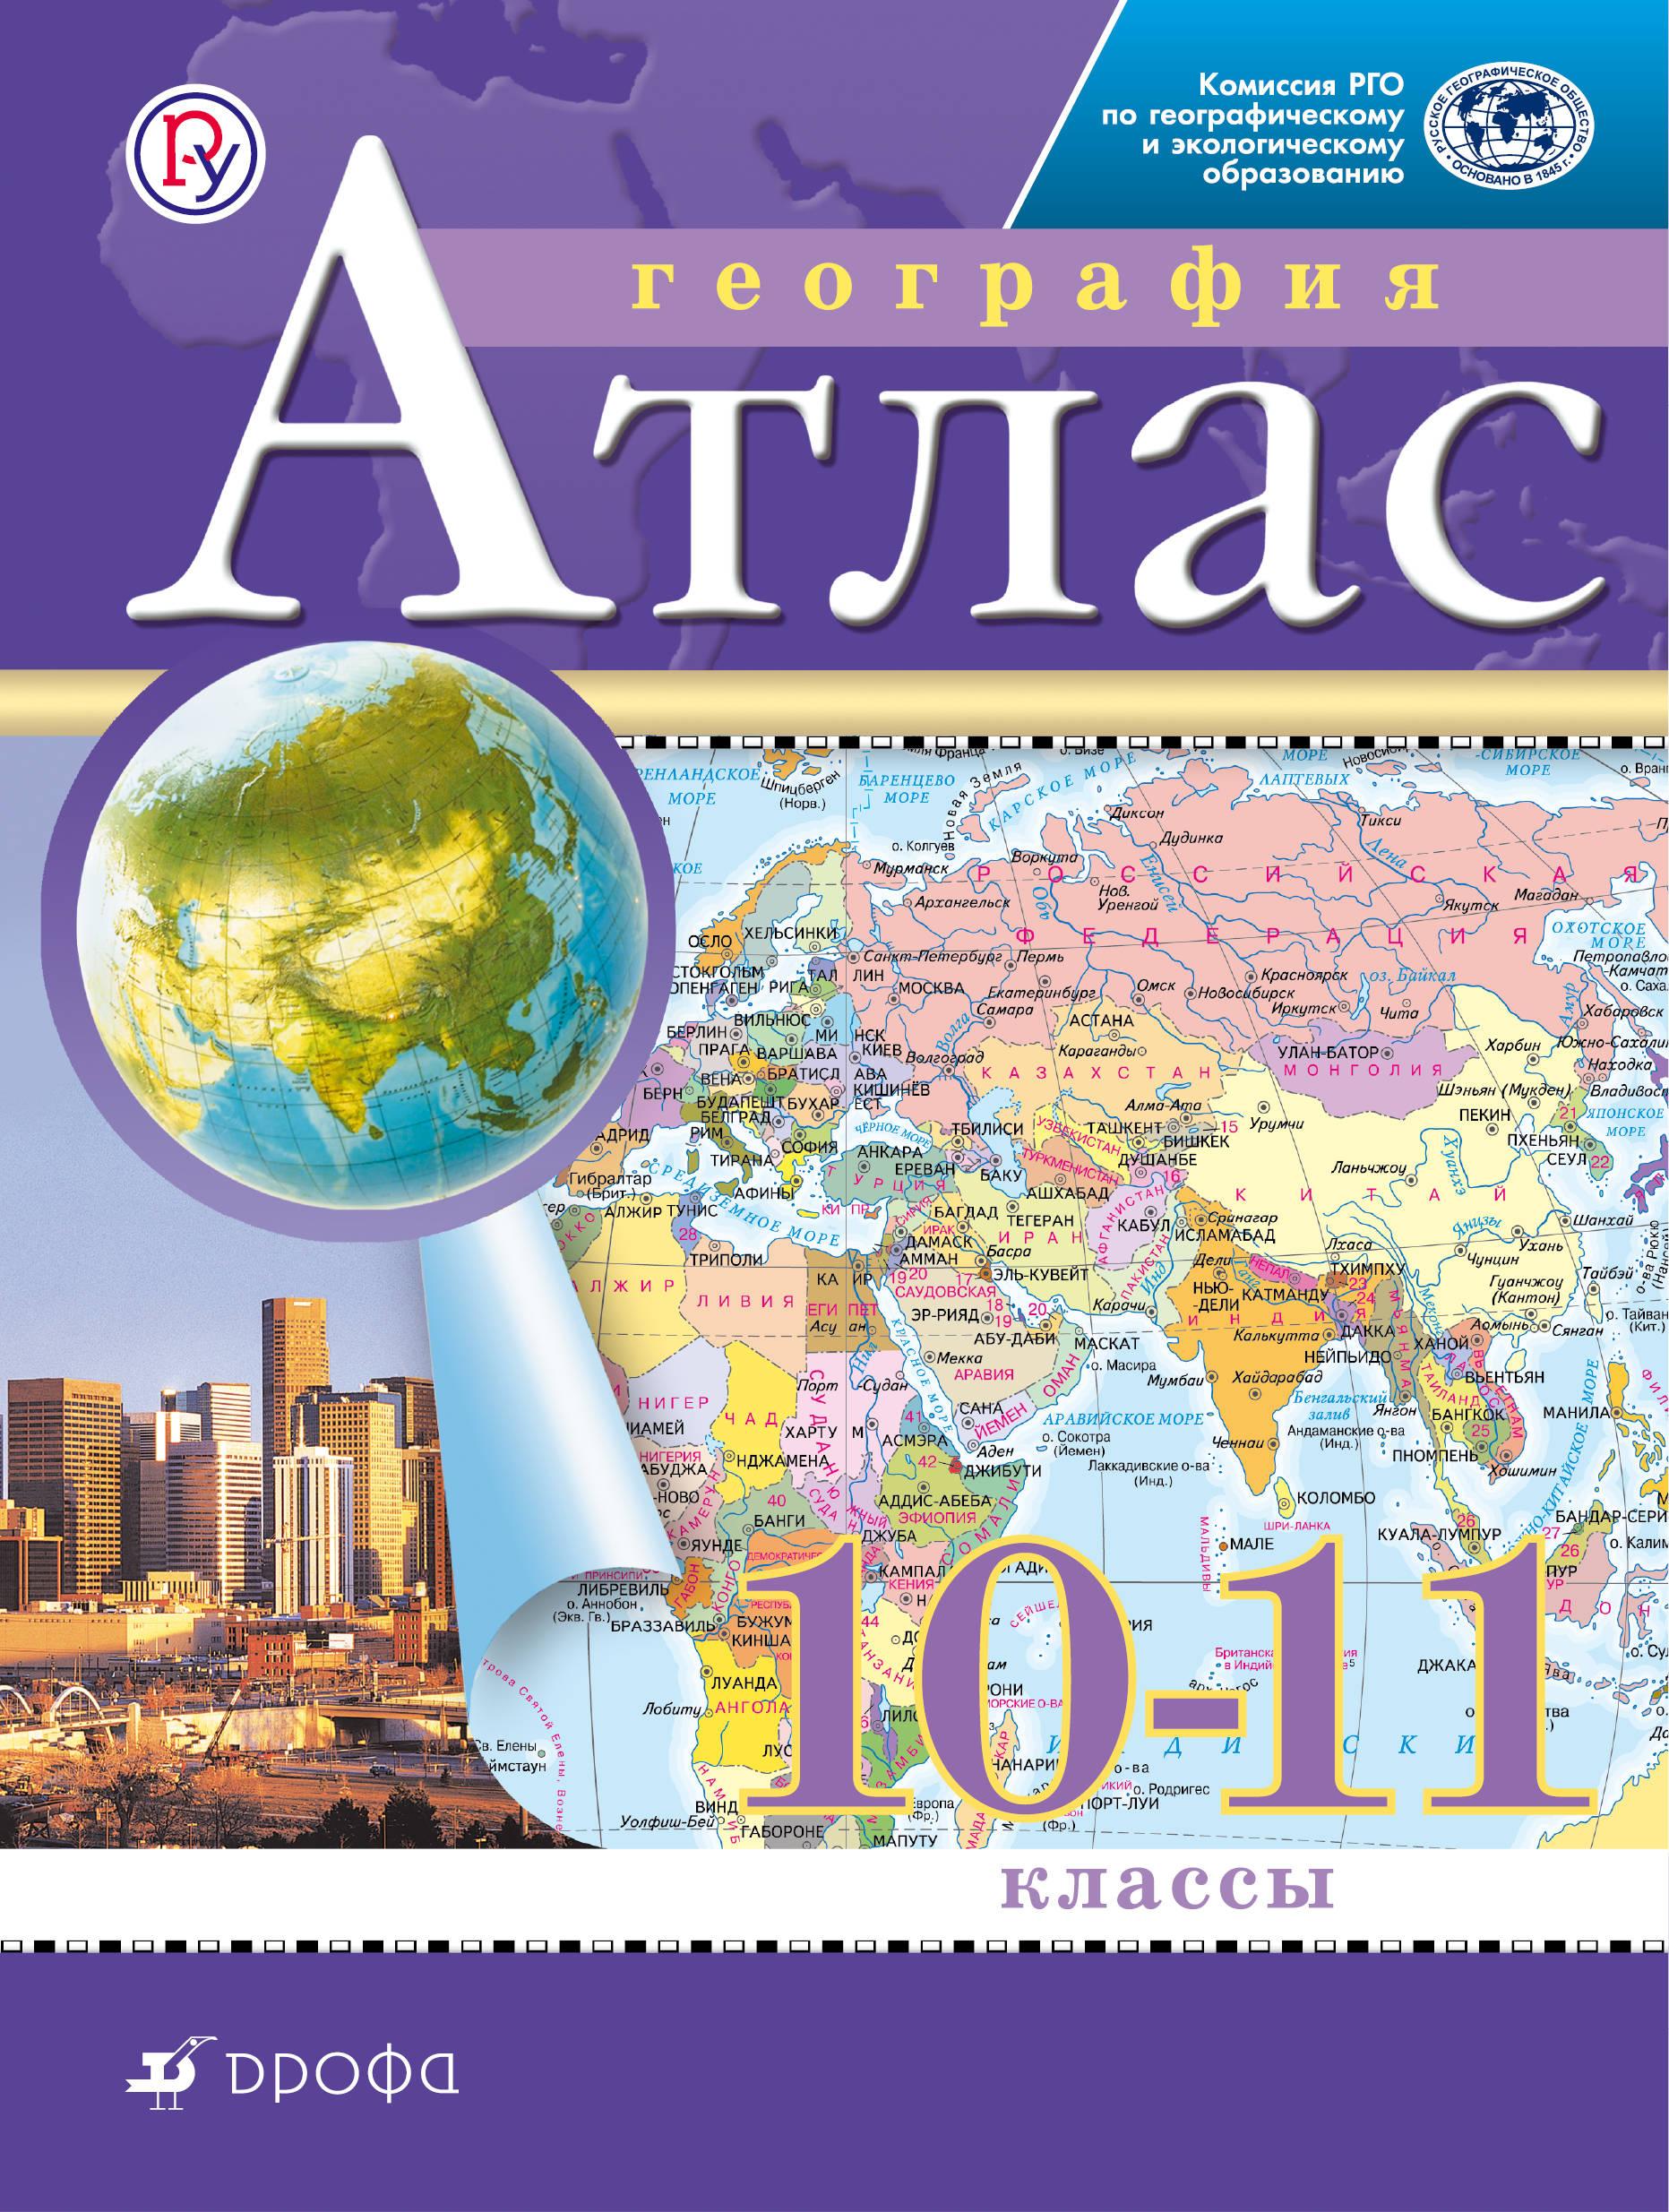 География. 10-11 классы. Атлас. (Традиционный комплект) (РГО) география 10 11 классы атлас традиционный комплект рго